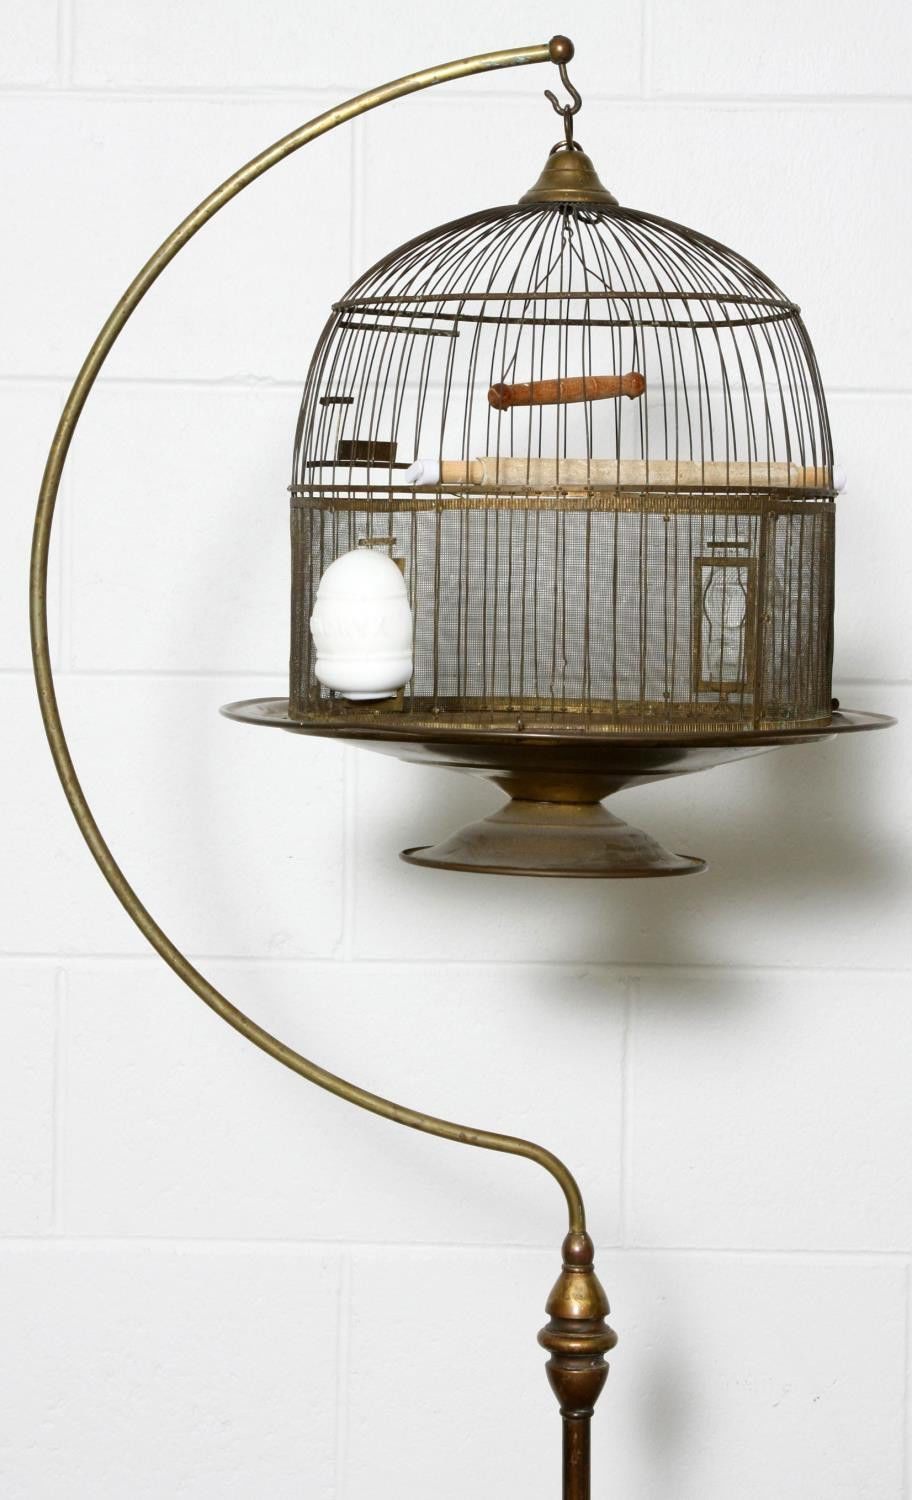 antique hendryx bird cage amp stand ebay bird cages bird cage stand bird cage cage. Black Bedroom Furniture Sets. Home Design Ideas